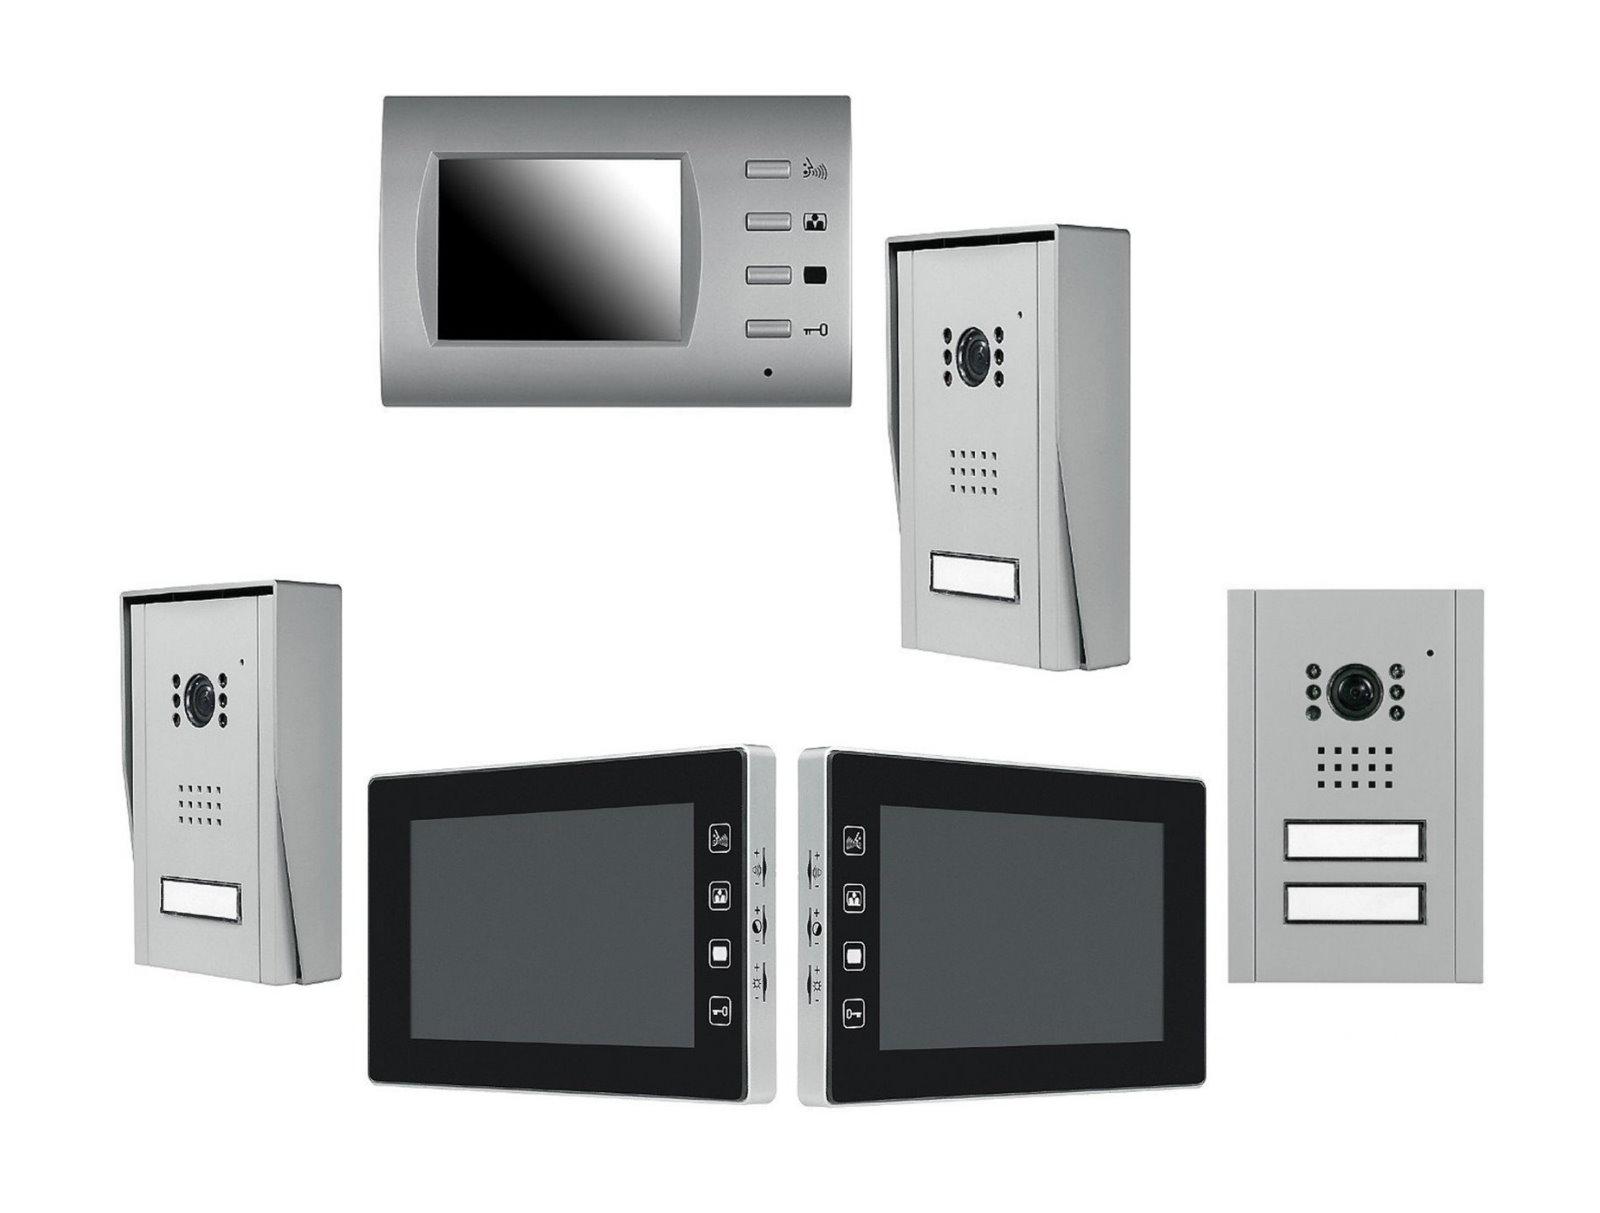 pentatech audio video sprechanlage 1 bis 2 familien t rsprechanlage 3 5 7zoll ebay. Black Bedroom Furniture Sets. Home Design Ideas